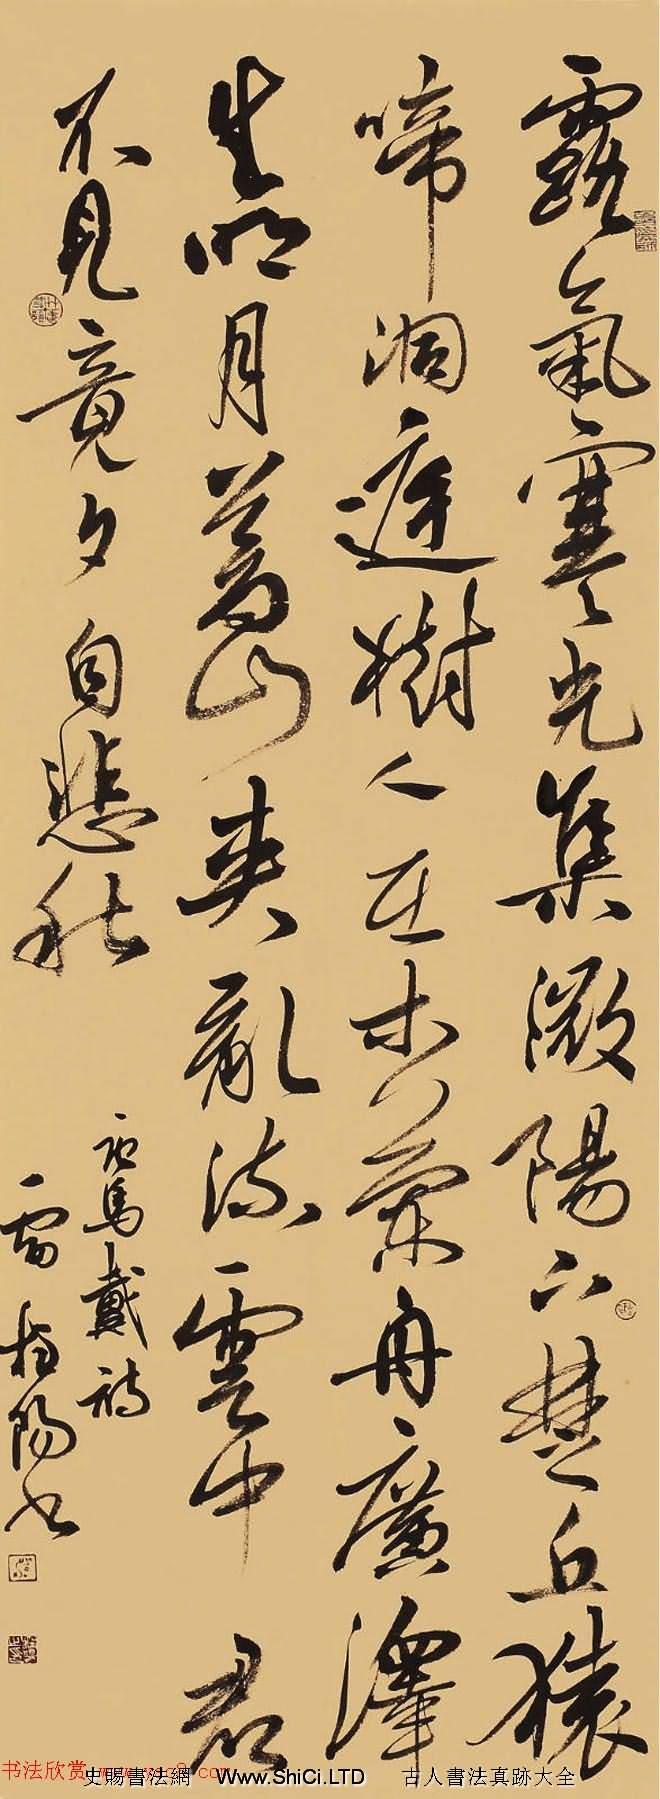 安徽雷泳毛筆書法作品真跡選刊(共18張圖片)